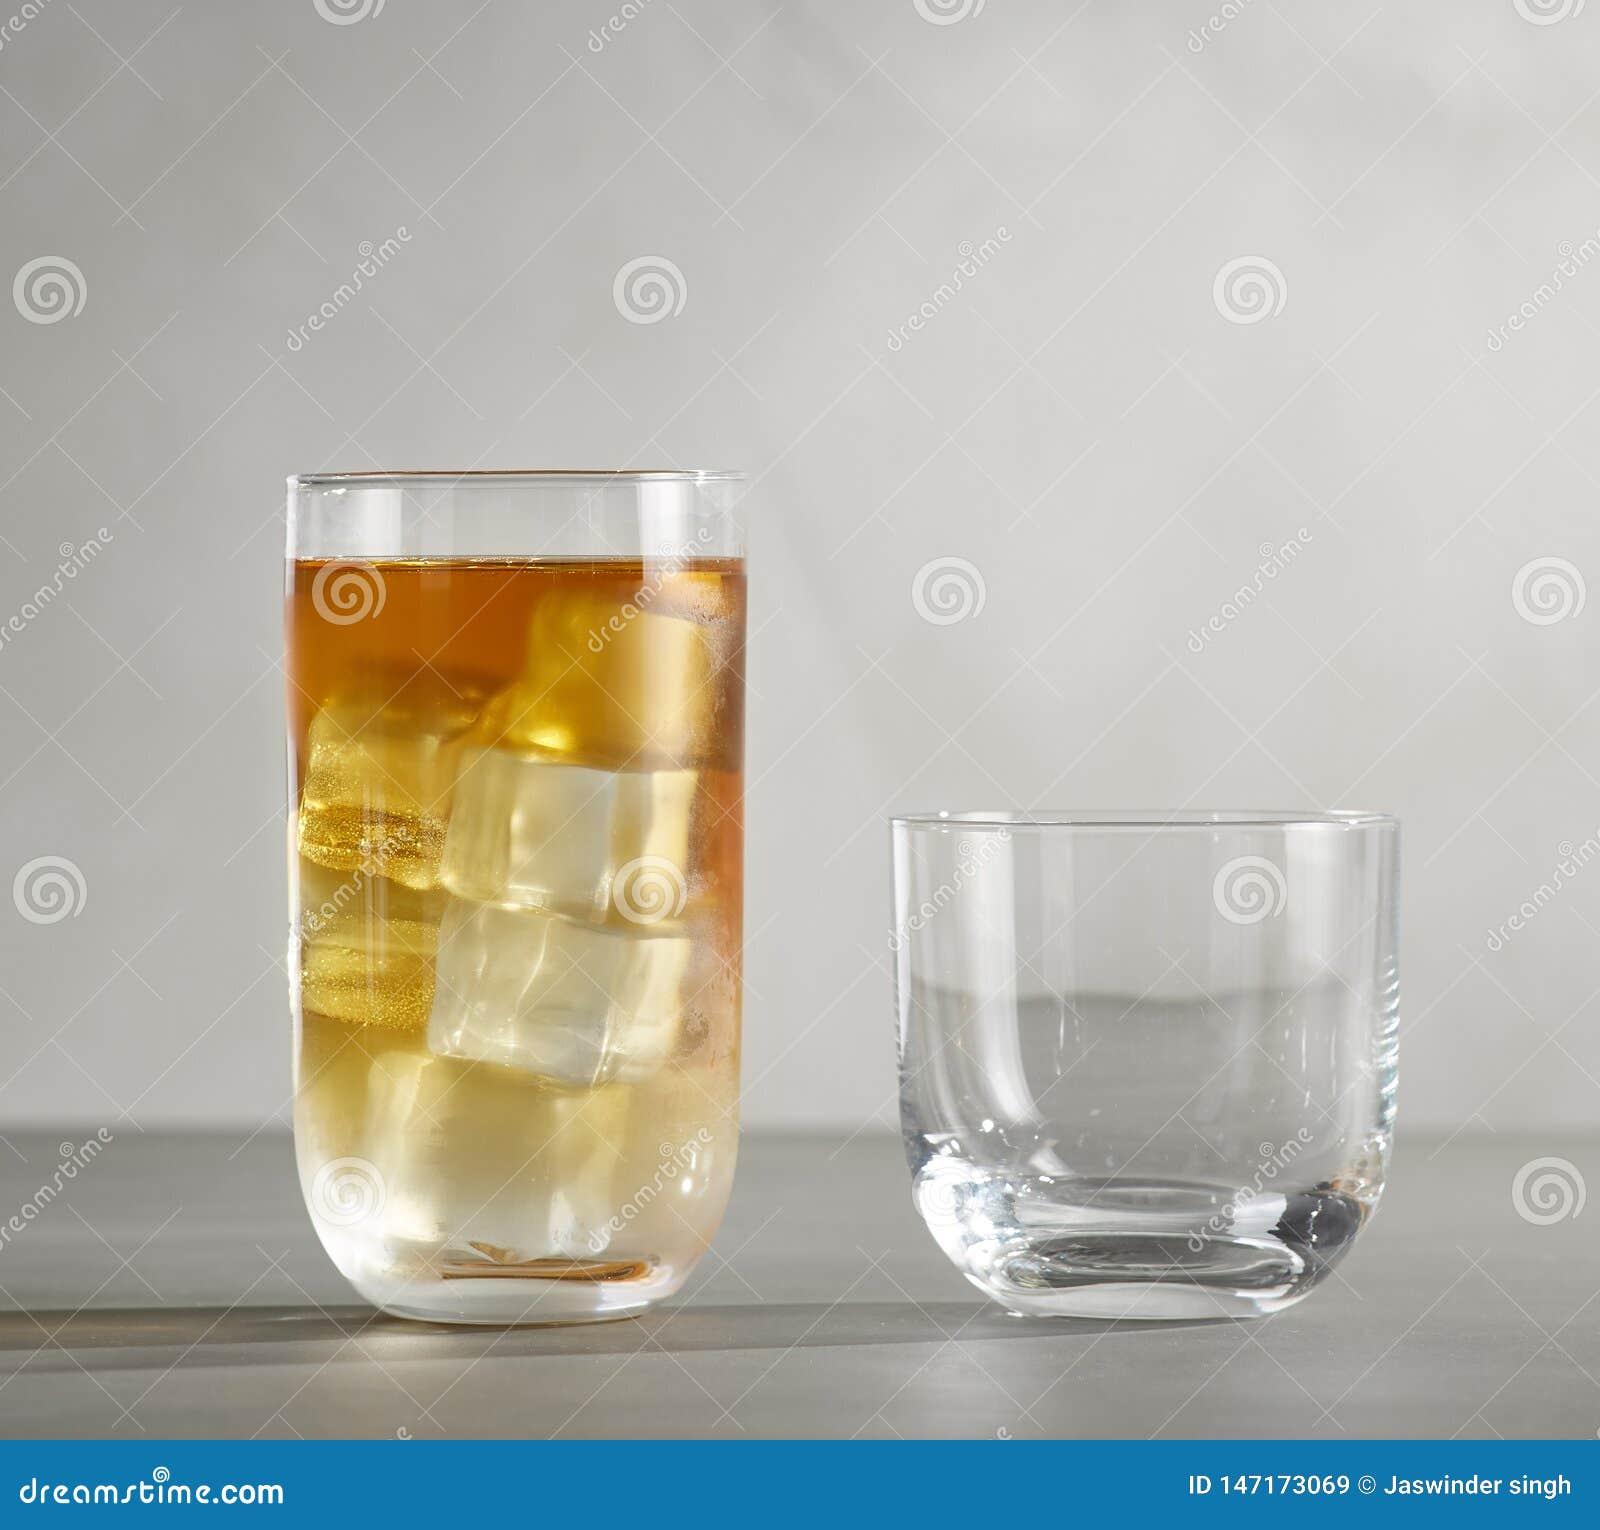 品酒的黄酒玻璃,品酒的黄酒玻璃